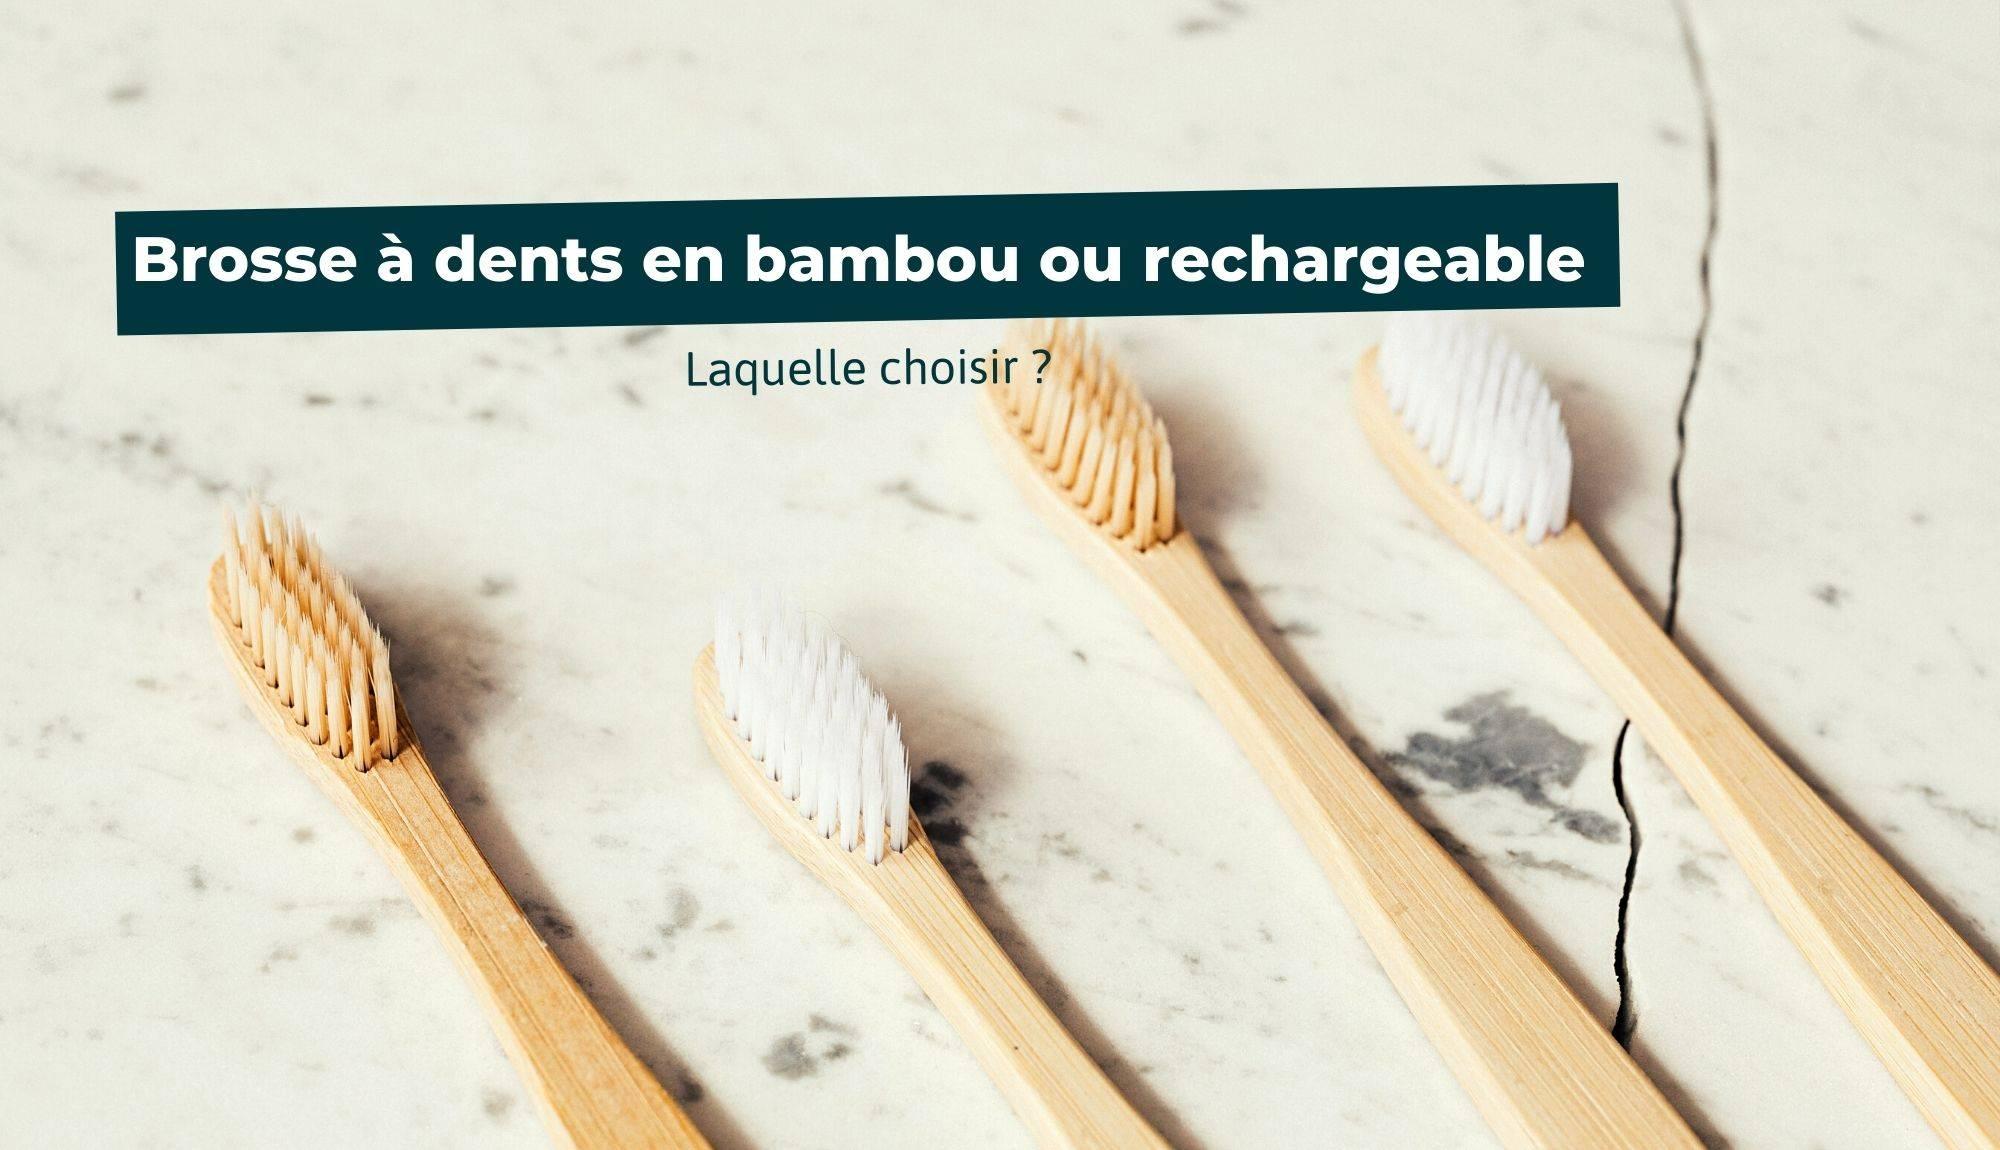 brosse à dents en bambou ou rechargeable